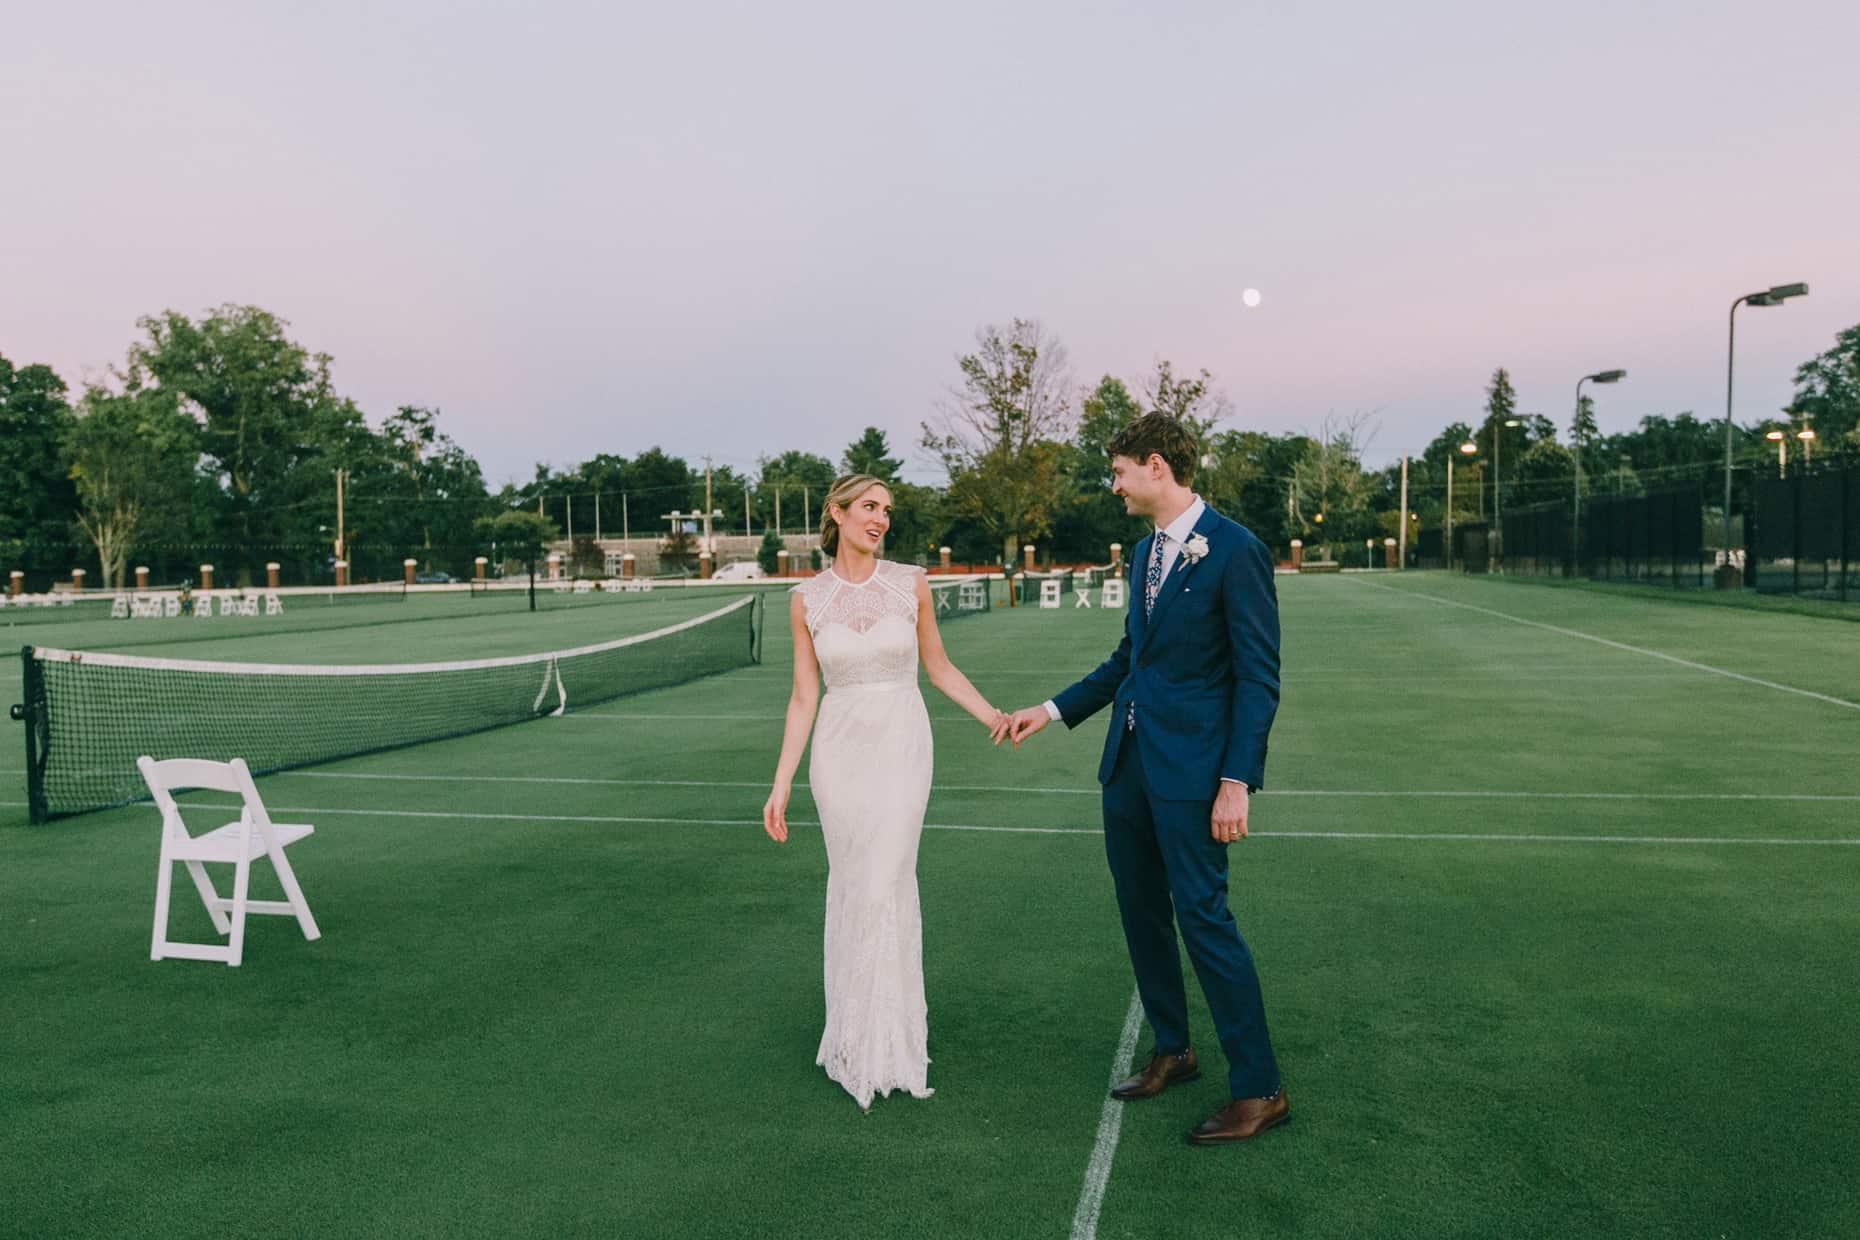 Tennis Weddings